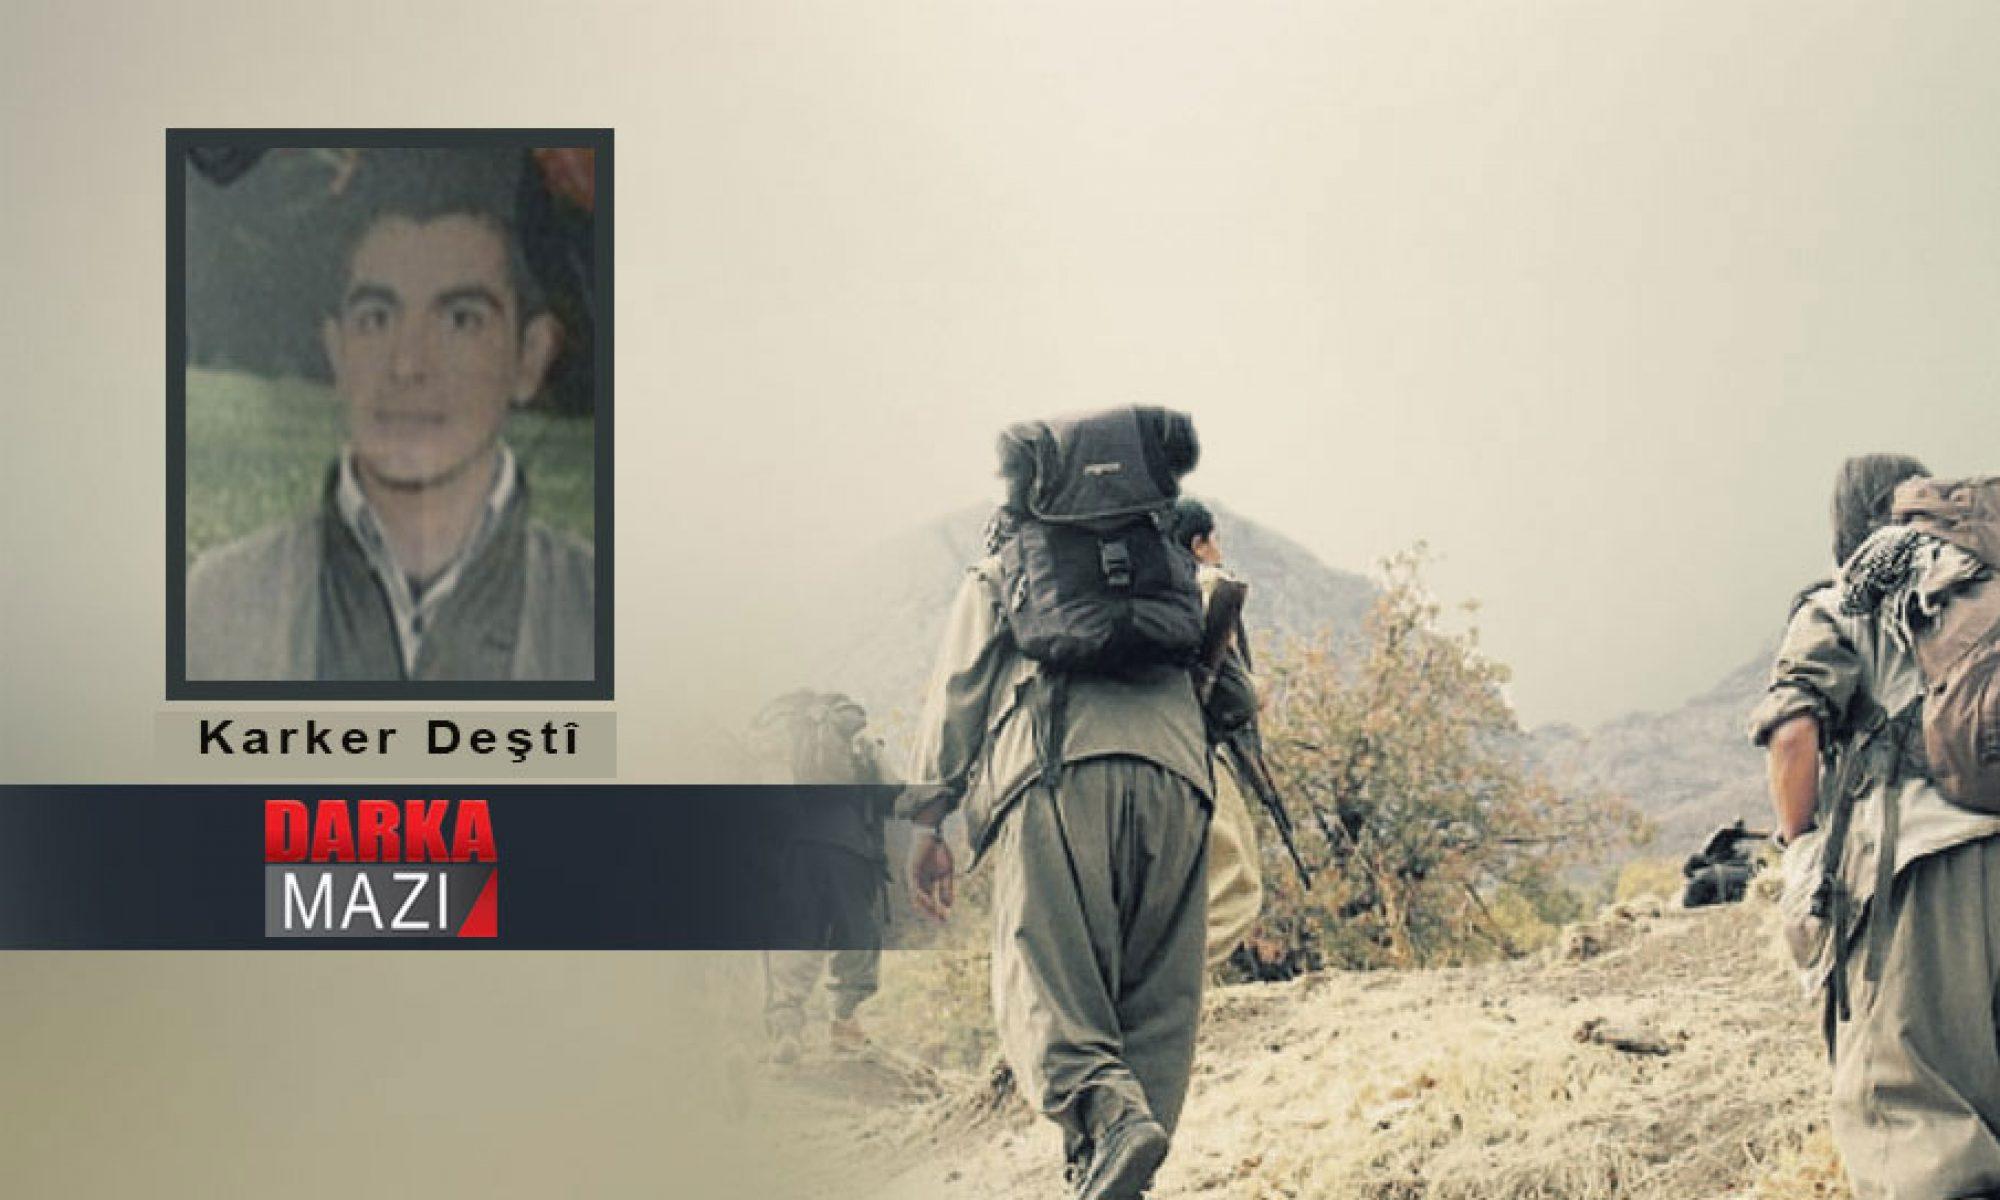 HPG komutanlarından Karker Deşti'nin hayatını kaybettiği iddia edildi